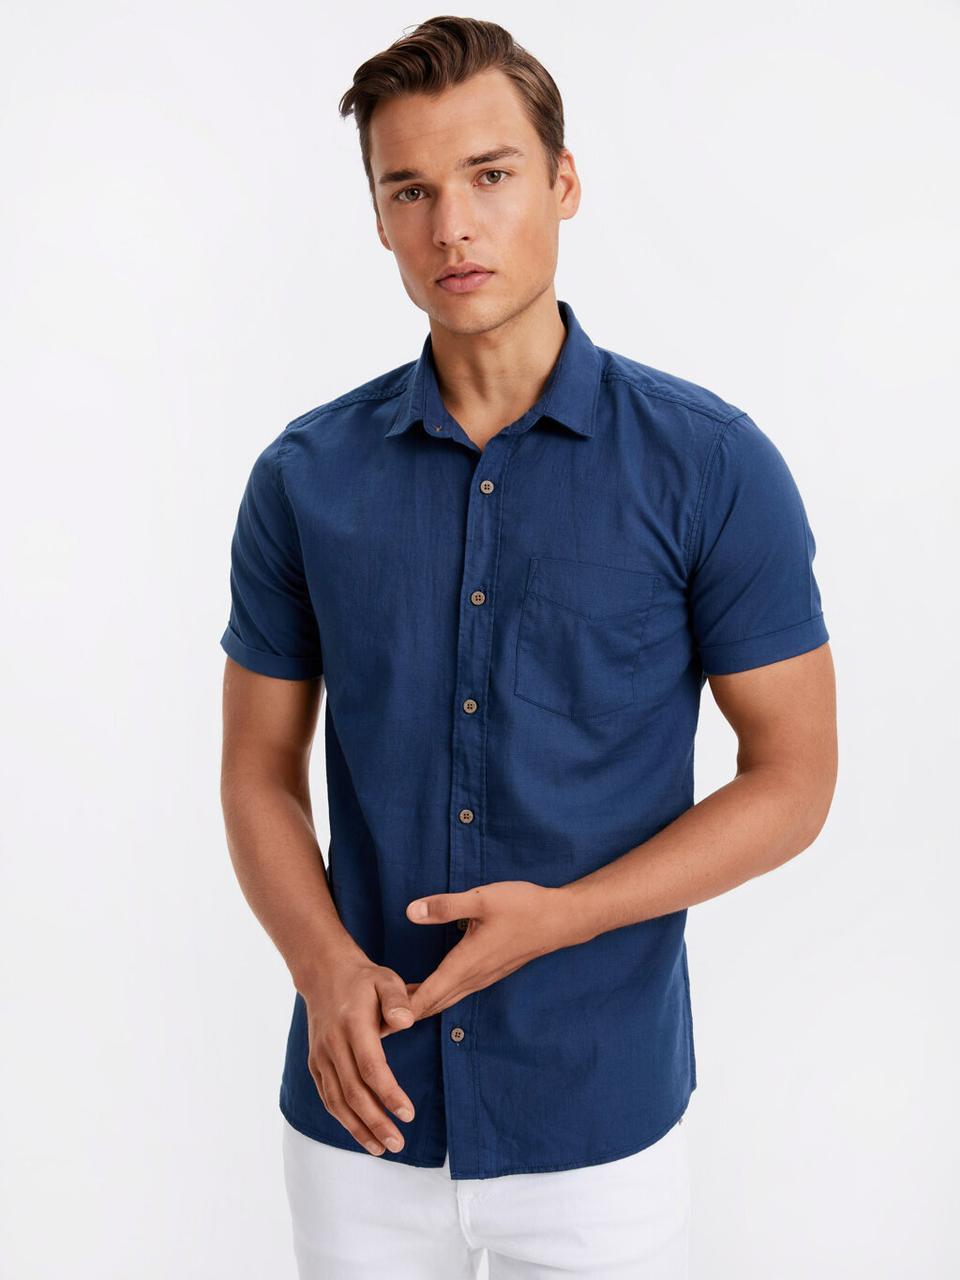 Синяя мужская рубашка LC Waikiki / ЛС Вайкики с карманом на груди, с пуговицами цвета слоновой кости